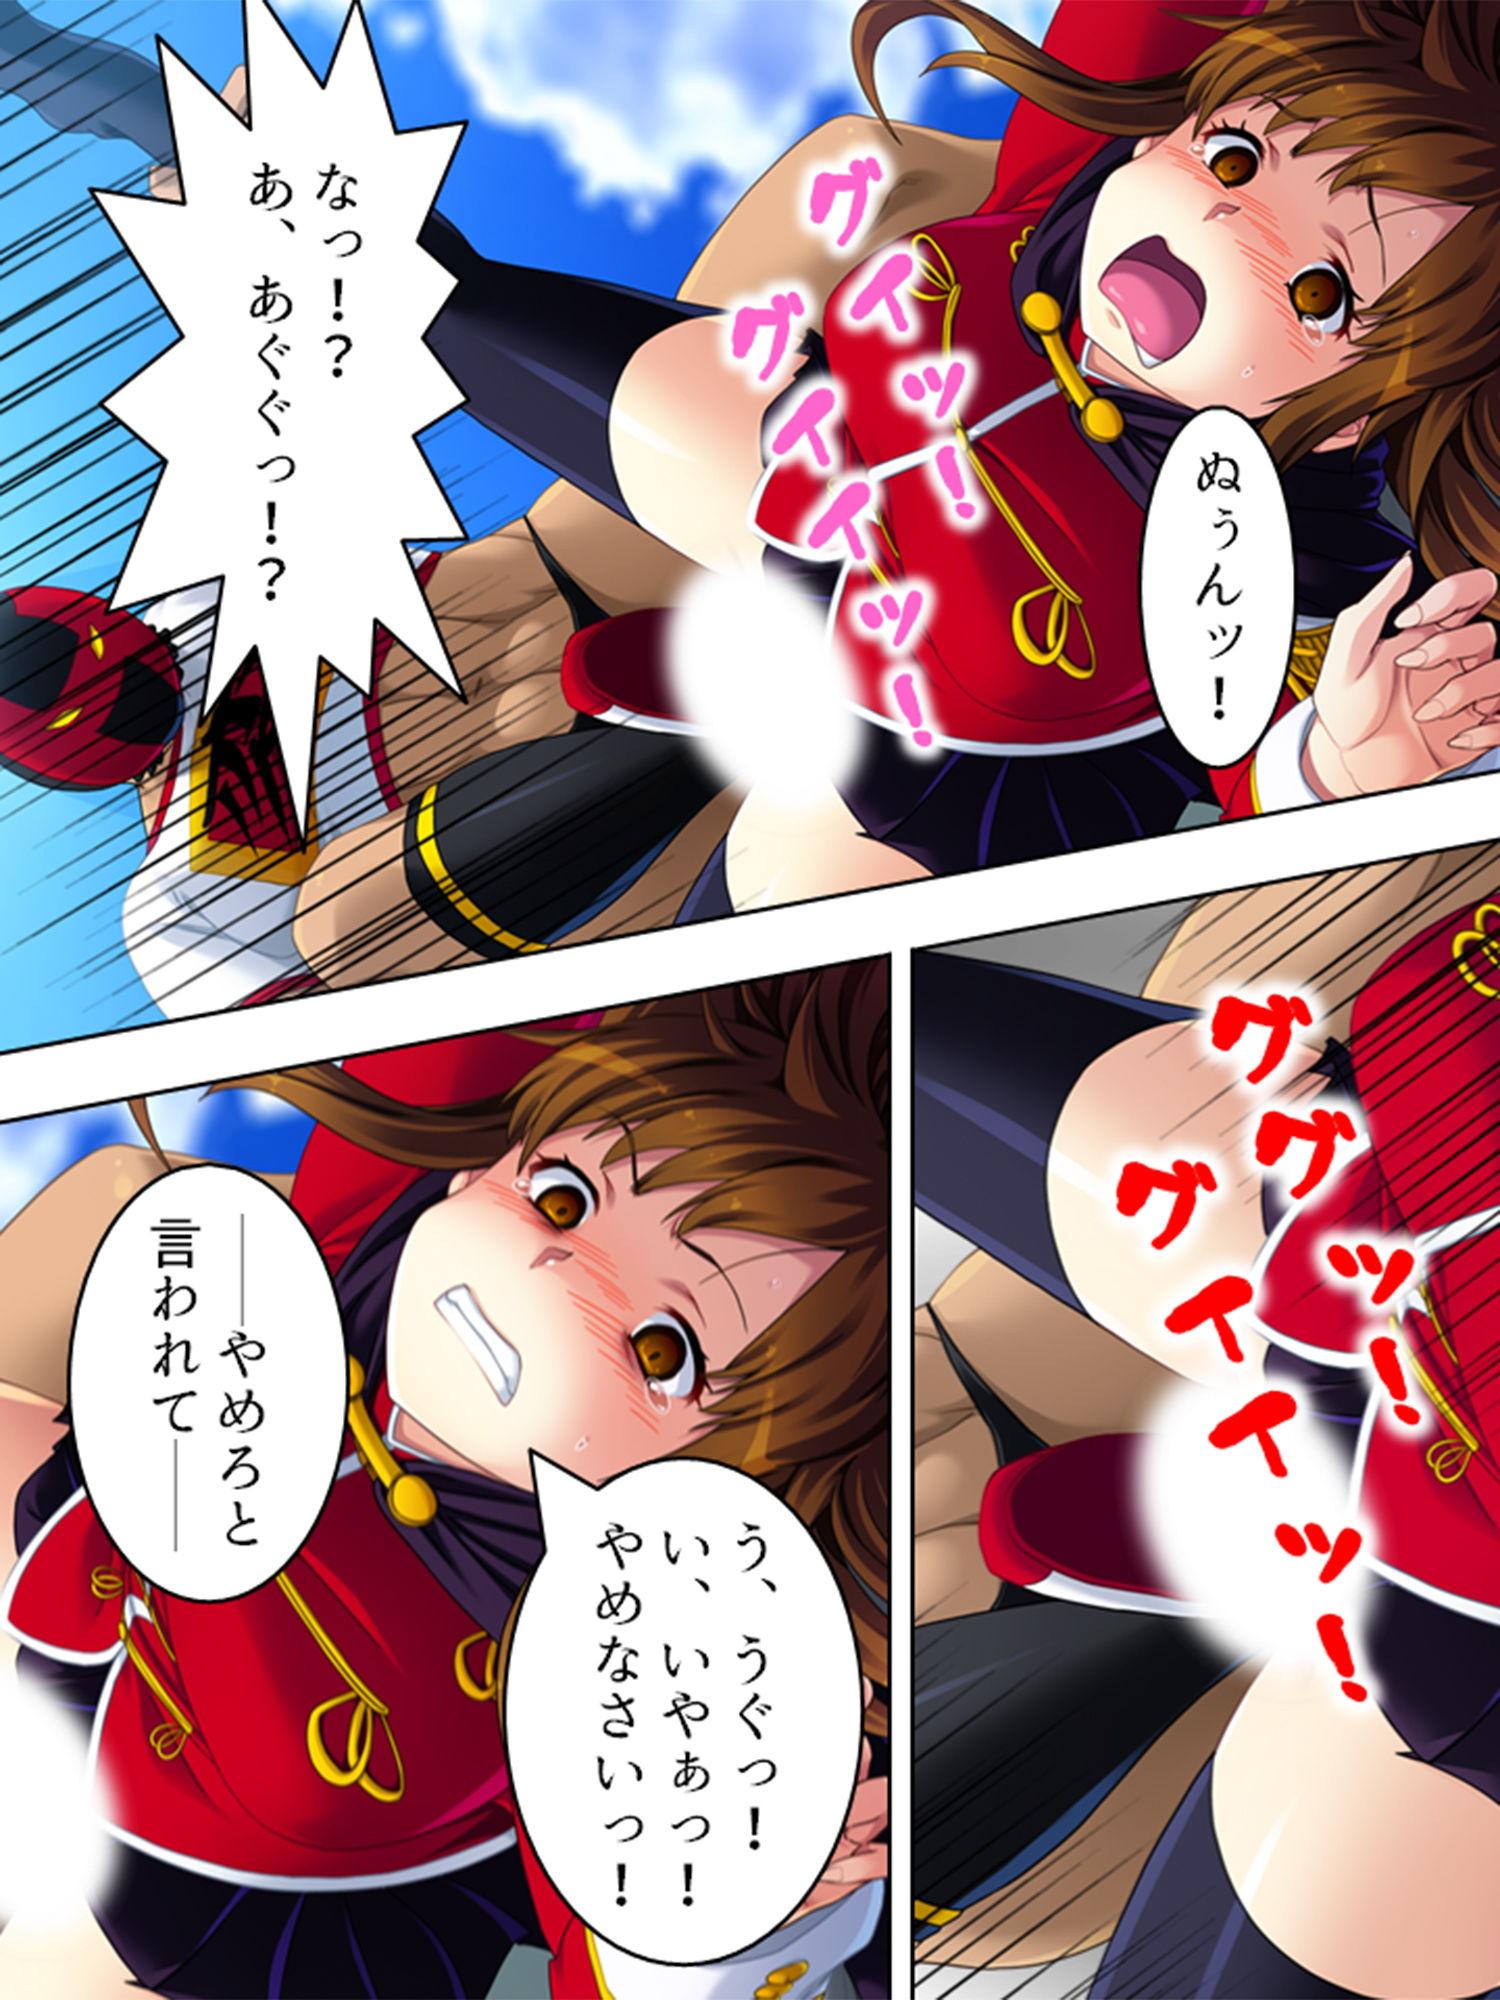 サンプル画像1:覆面かぶって、傲慢な令嬢たちに絶頂オシオキSEX! 下(アロマコミック) [d_190140]